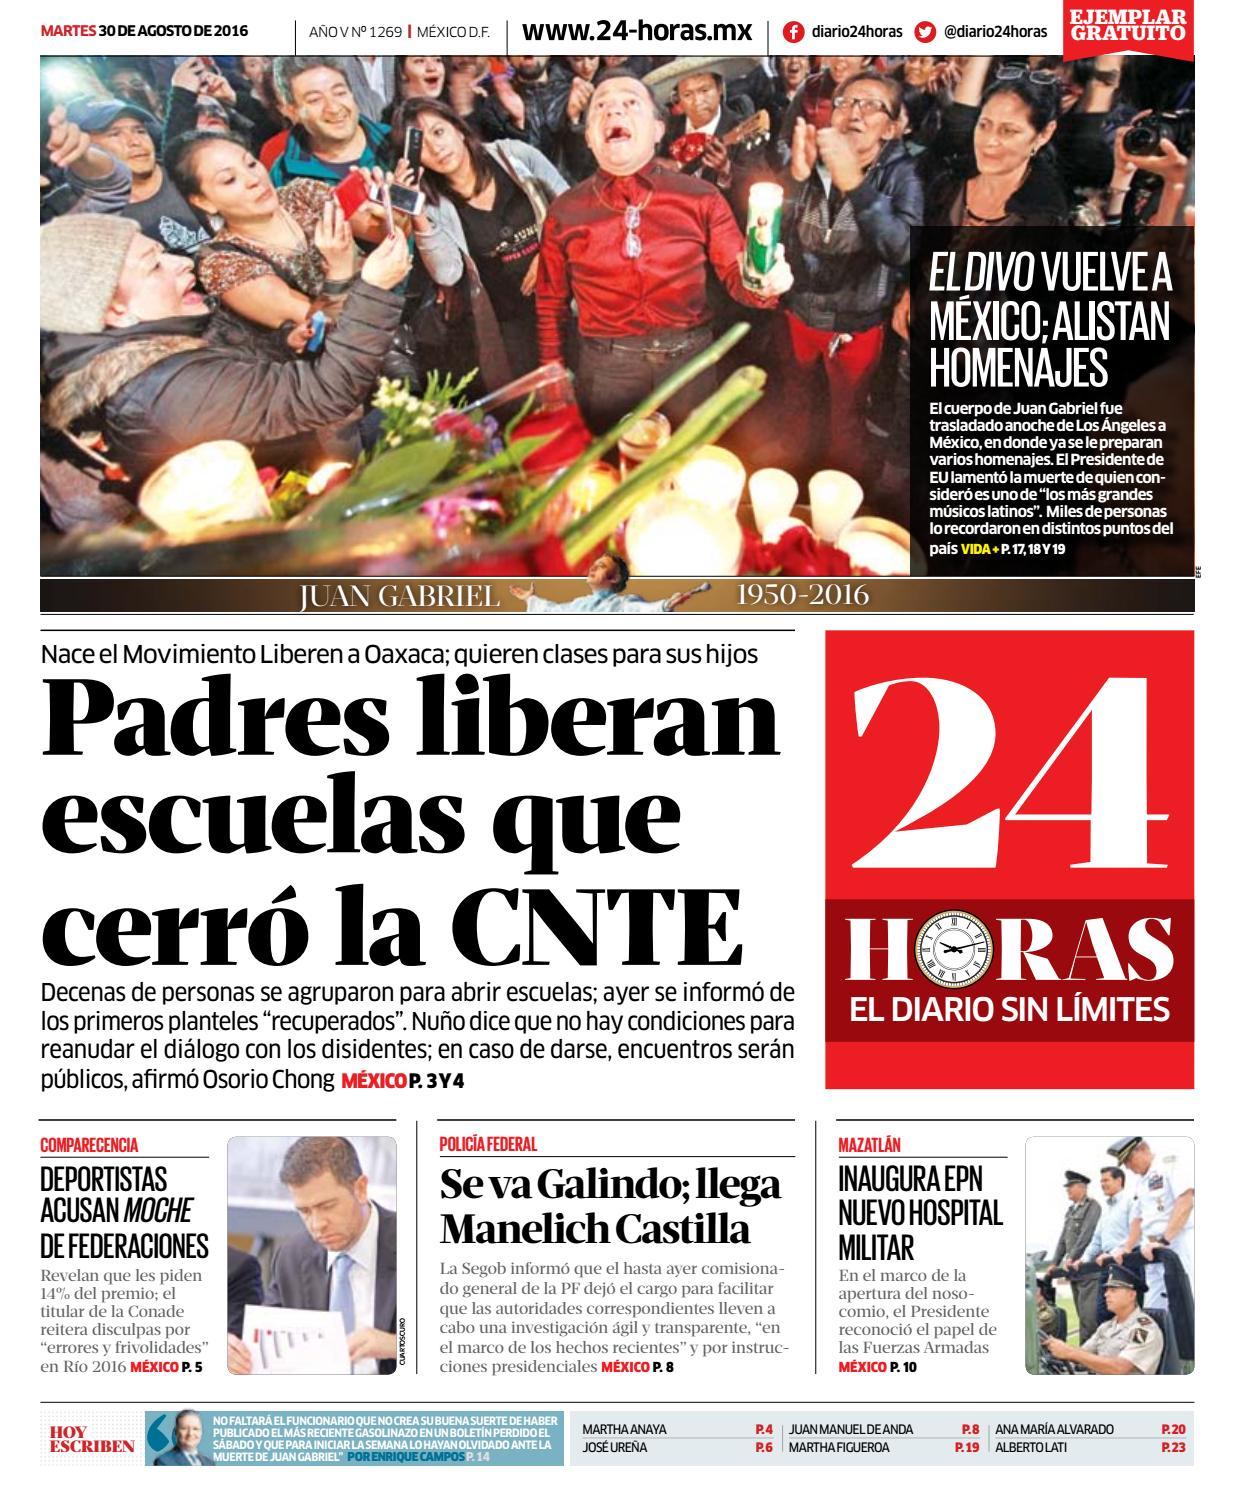 Agosto | 30 | 2016 by Información Integral 24/7 SAPI de C.V. - issuu